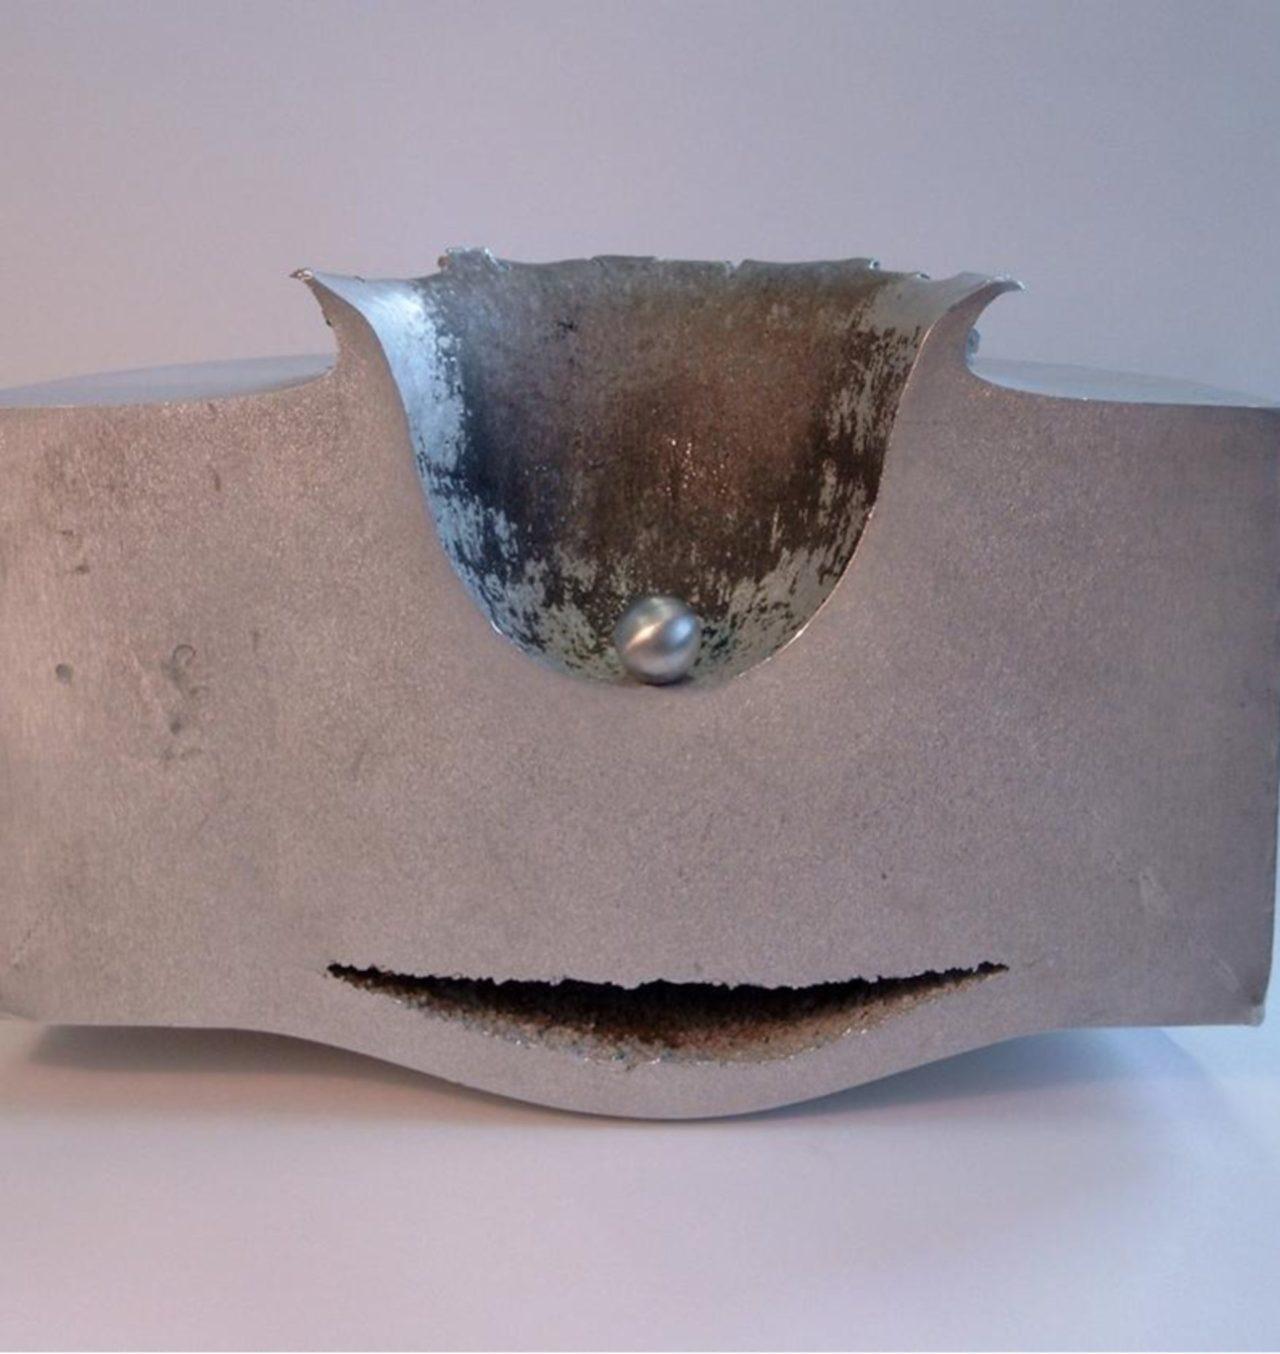 Muestra de impacto de una diminuta esfera de acero desplazándose a hipervelocidad